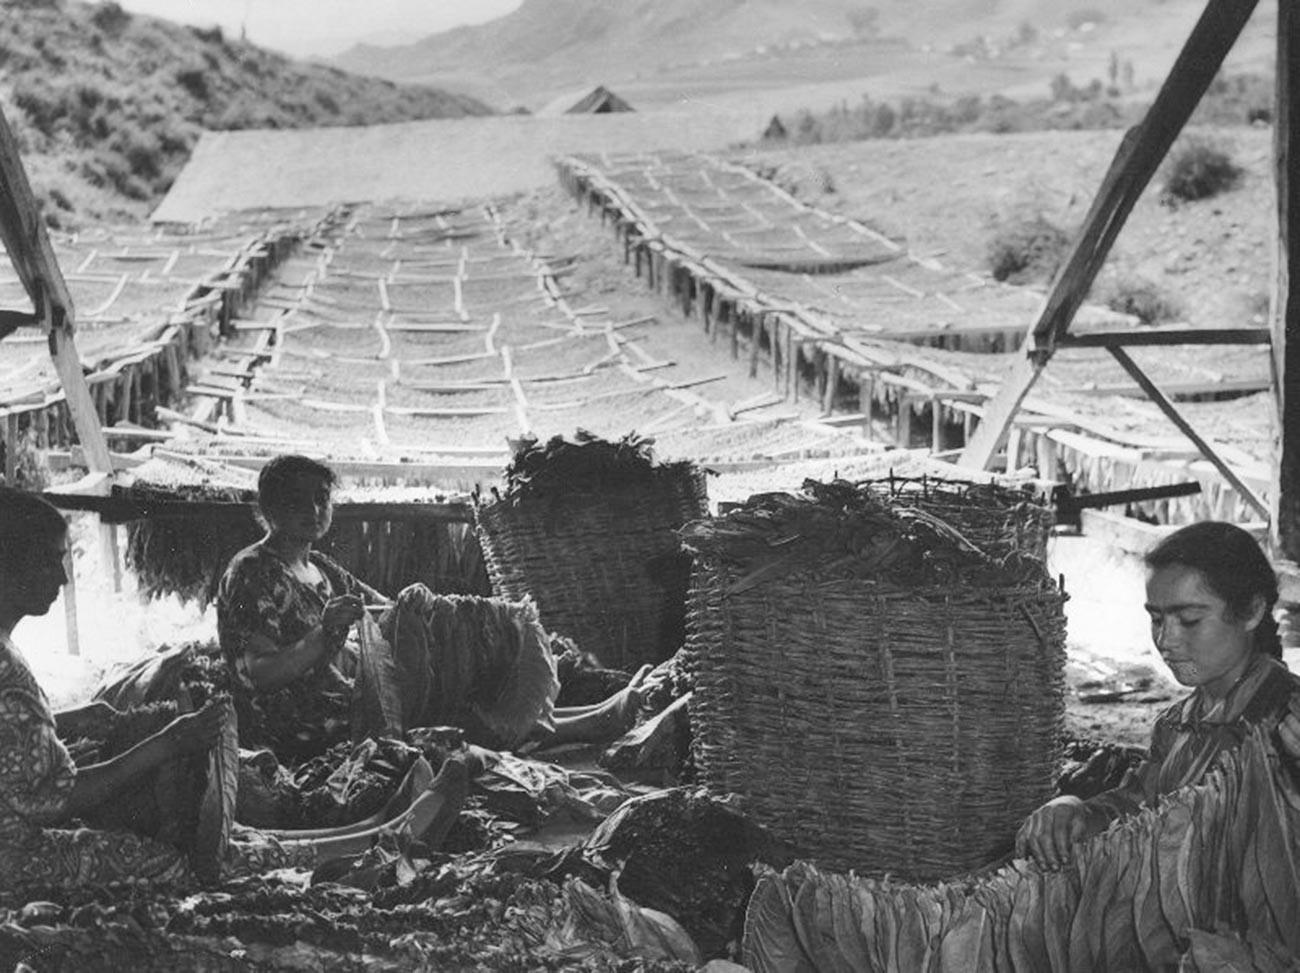 Des femmes travaillant avec des feuilles de tabac en Arménie, dans les années 1950